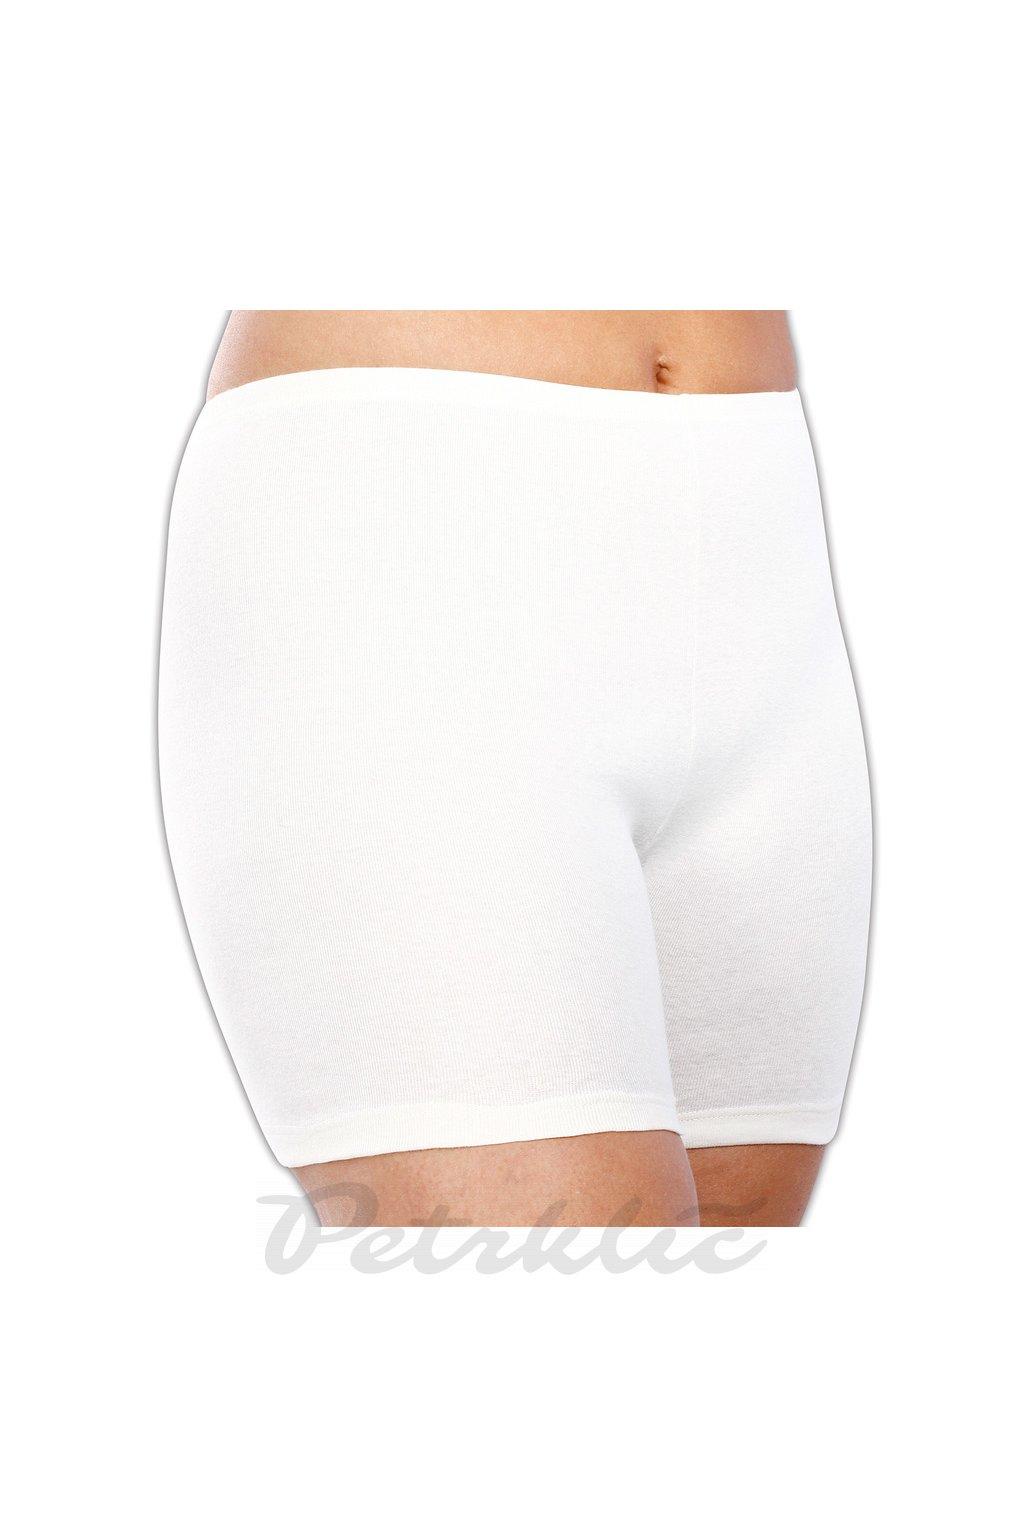 GIZELA - kalhotky